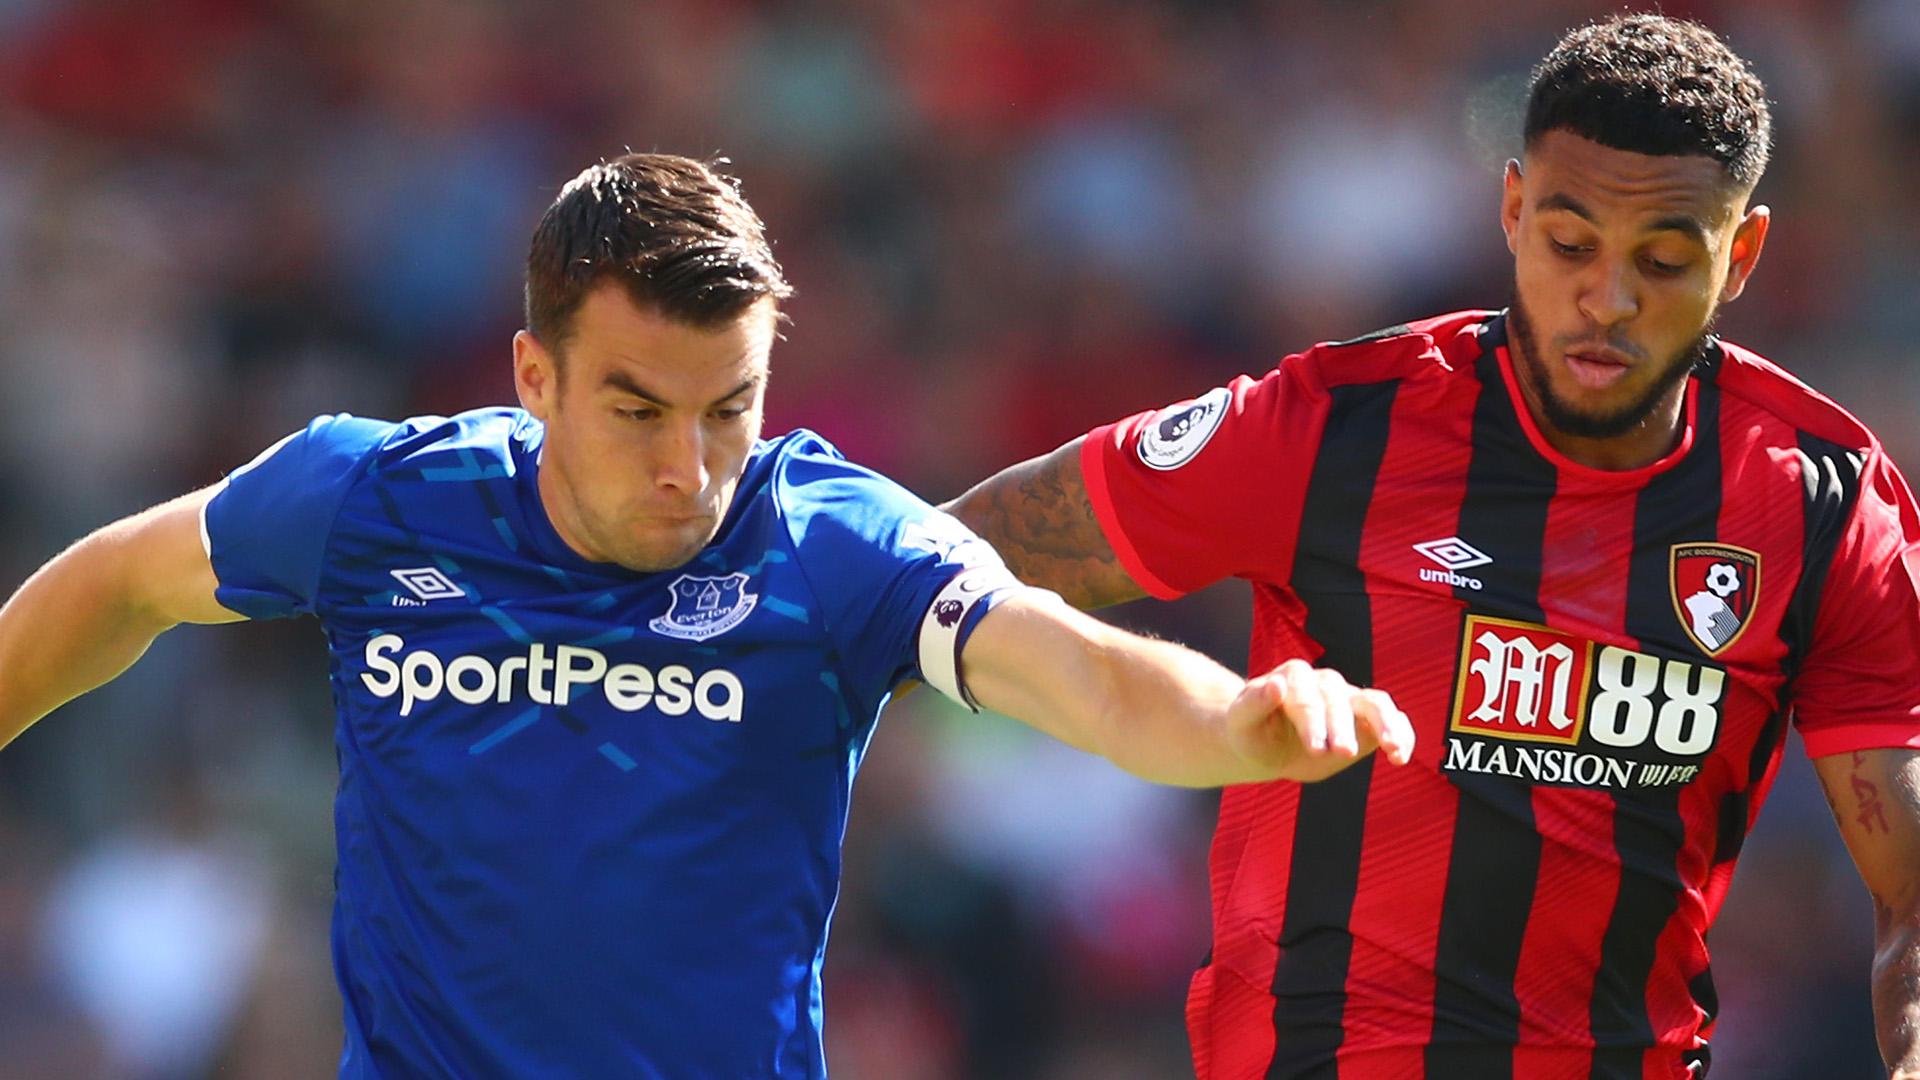 'It felt very safe' - Everton captain Coleman reveals extent of safety precautions as Premier League clubs resume training